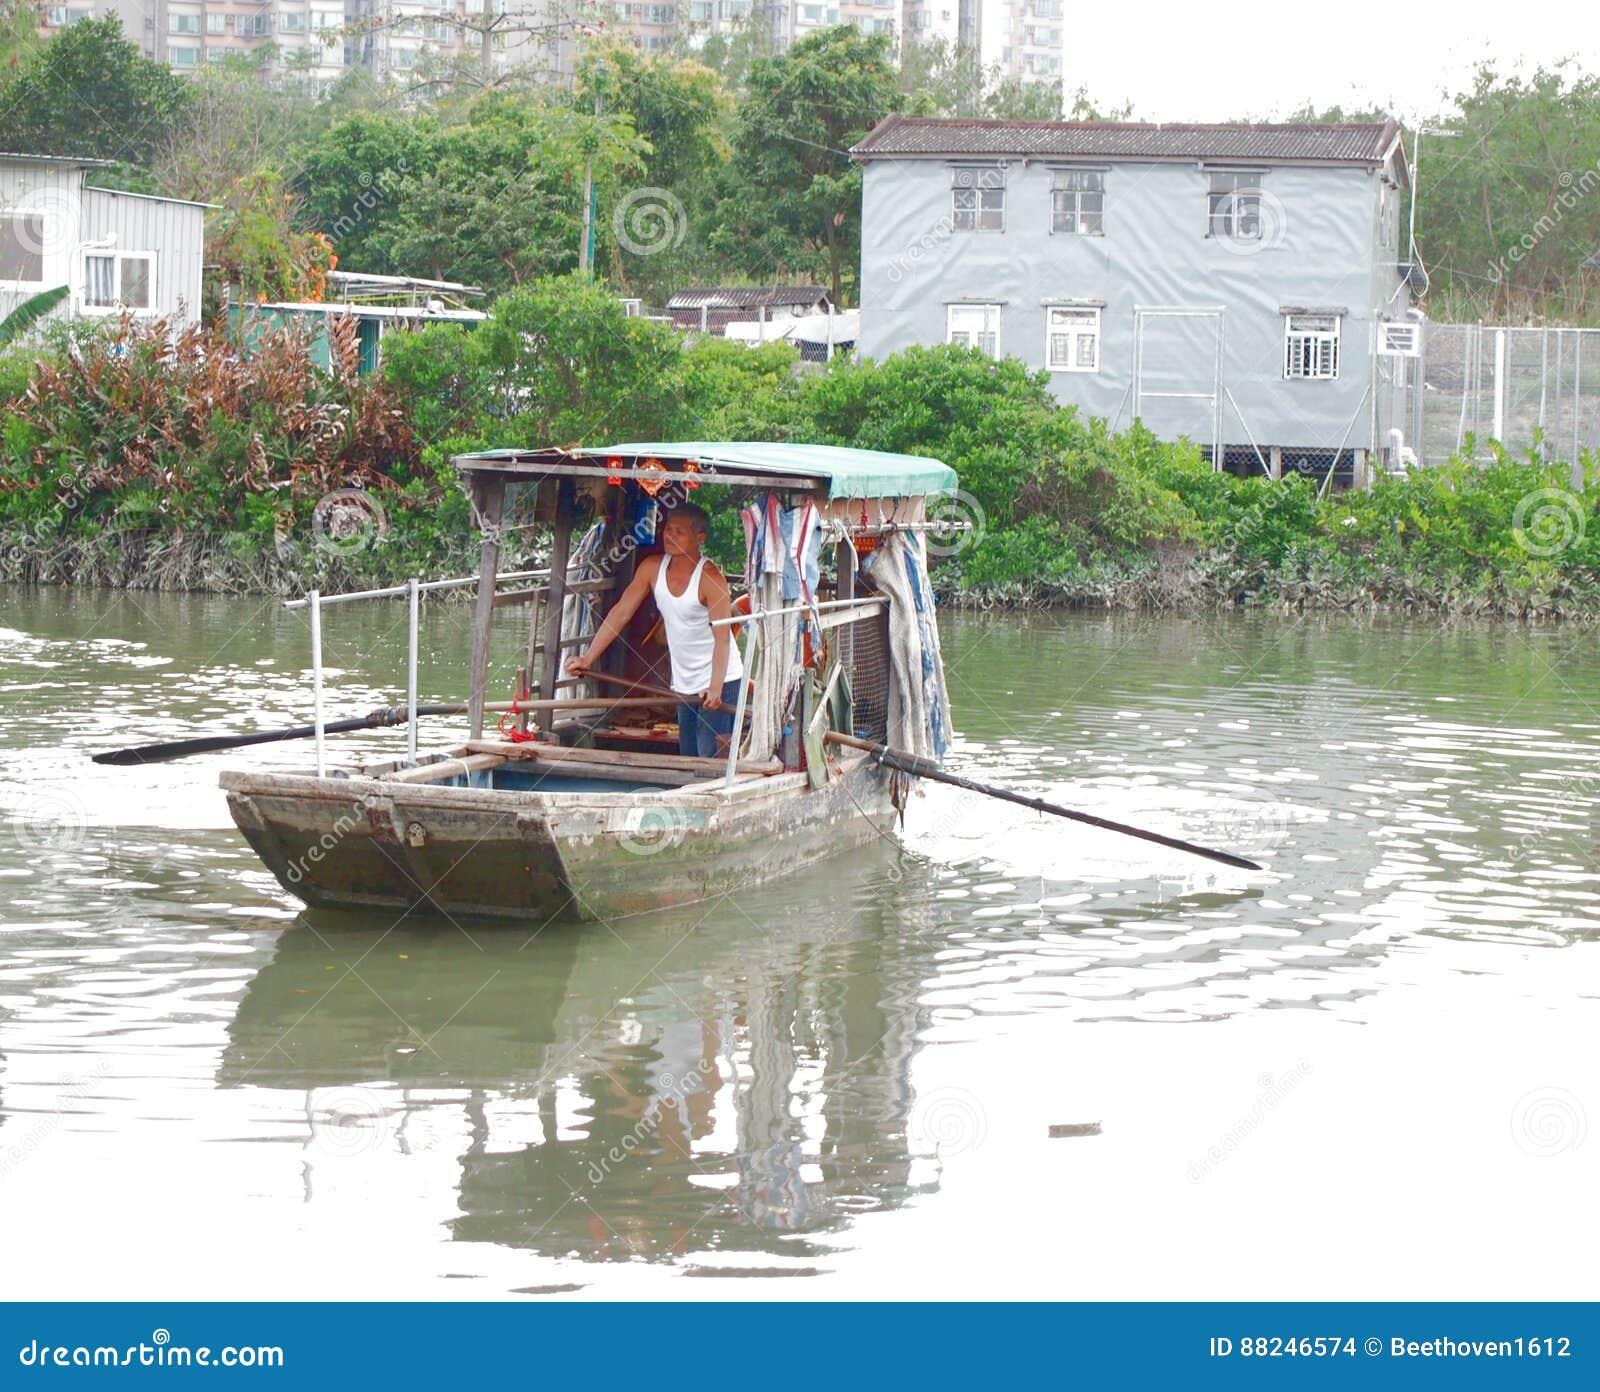 Паромная переправа по канату в пруде в традиционном рыбацком поселке